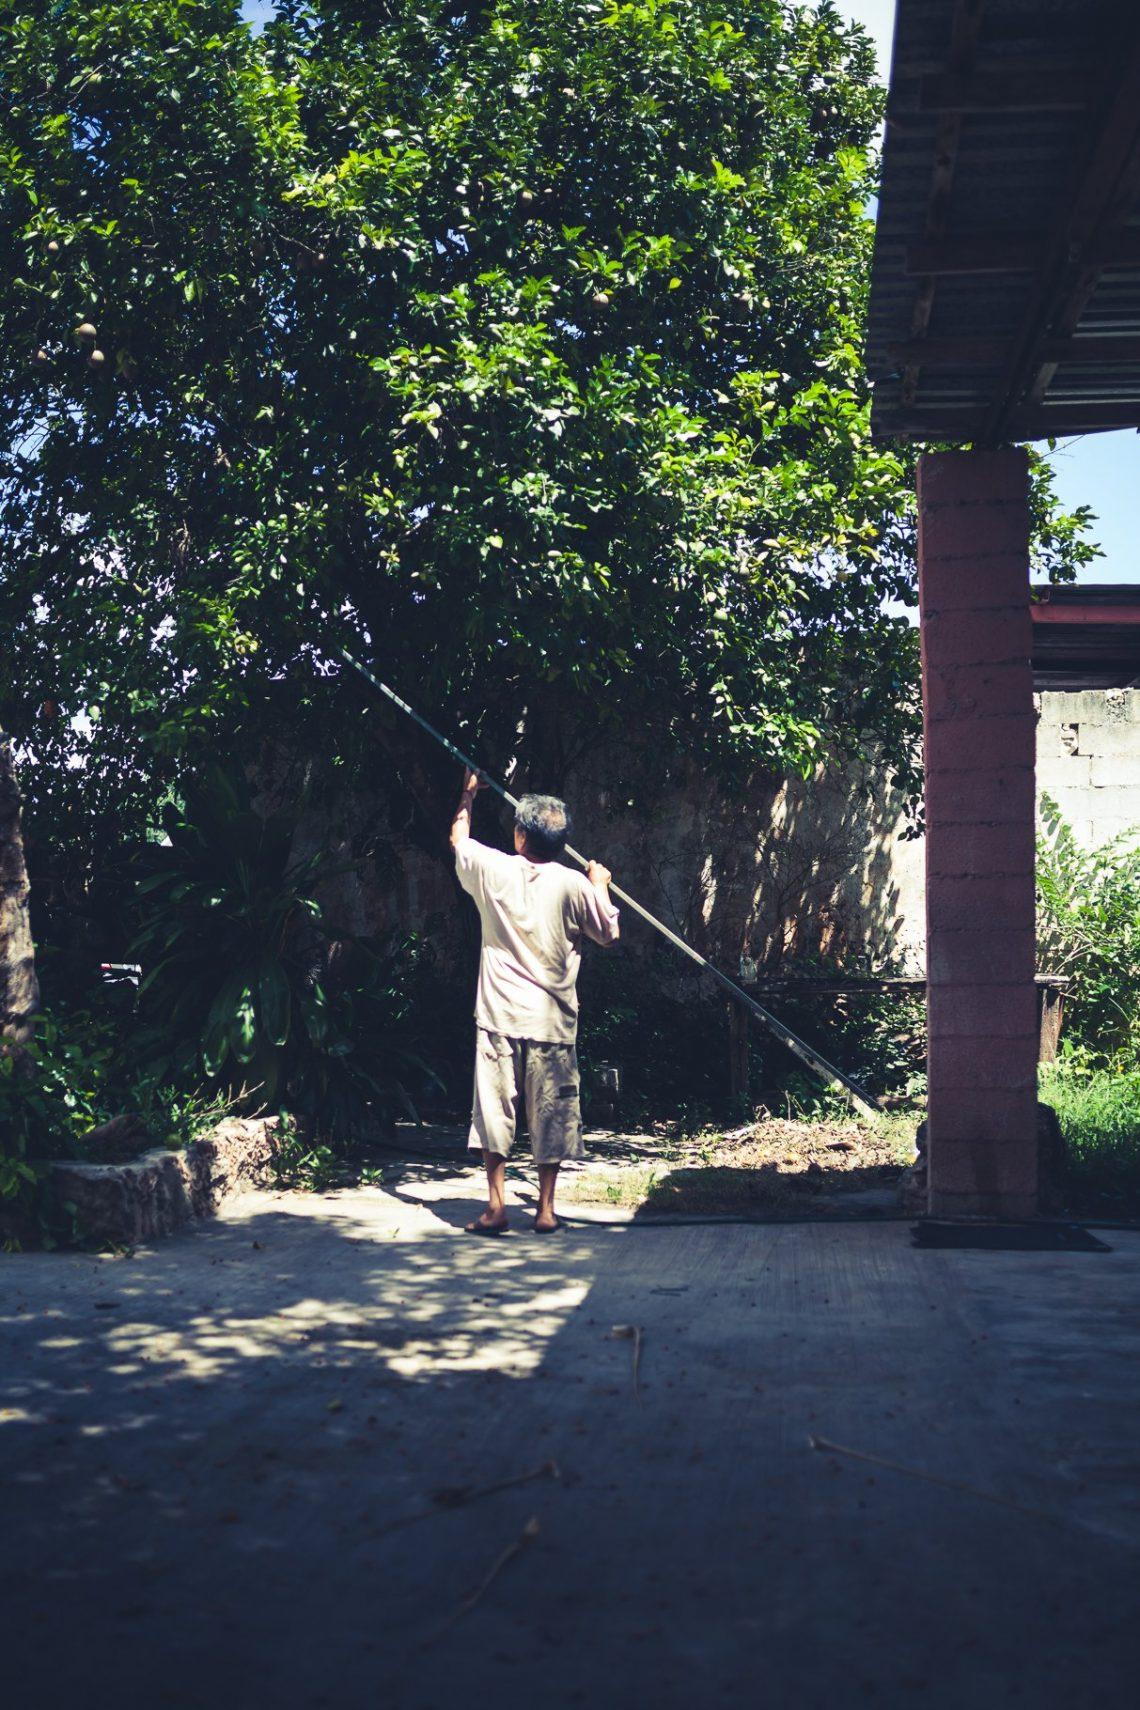 Mexikaner pflückt Limetten von Baum